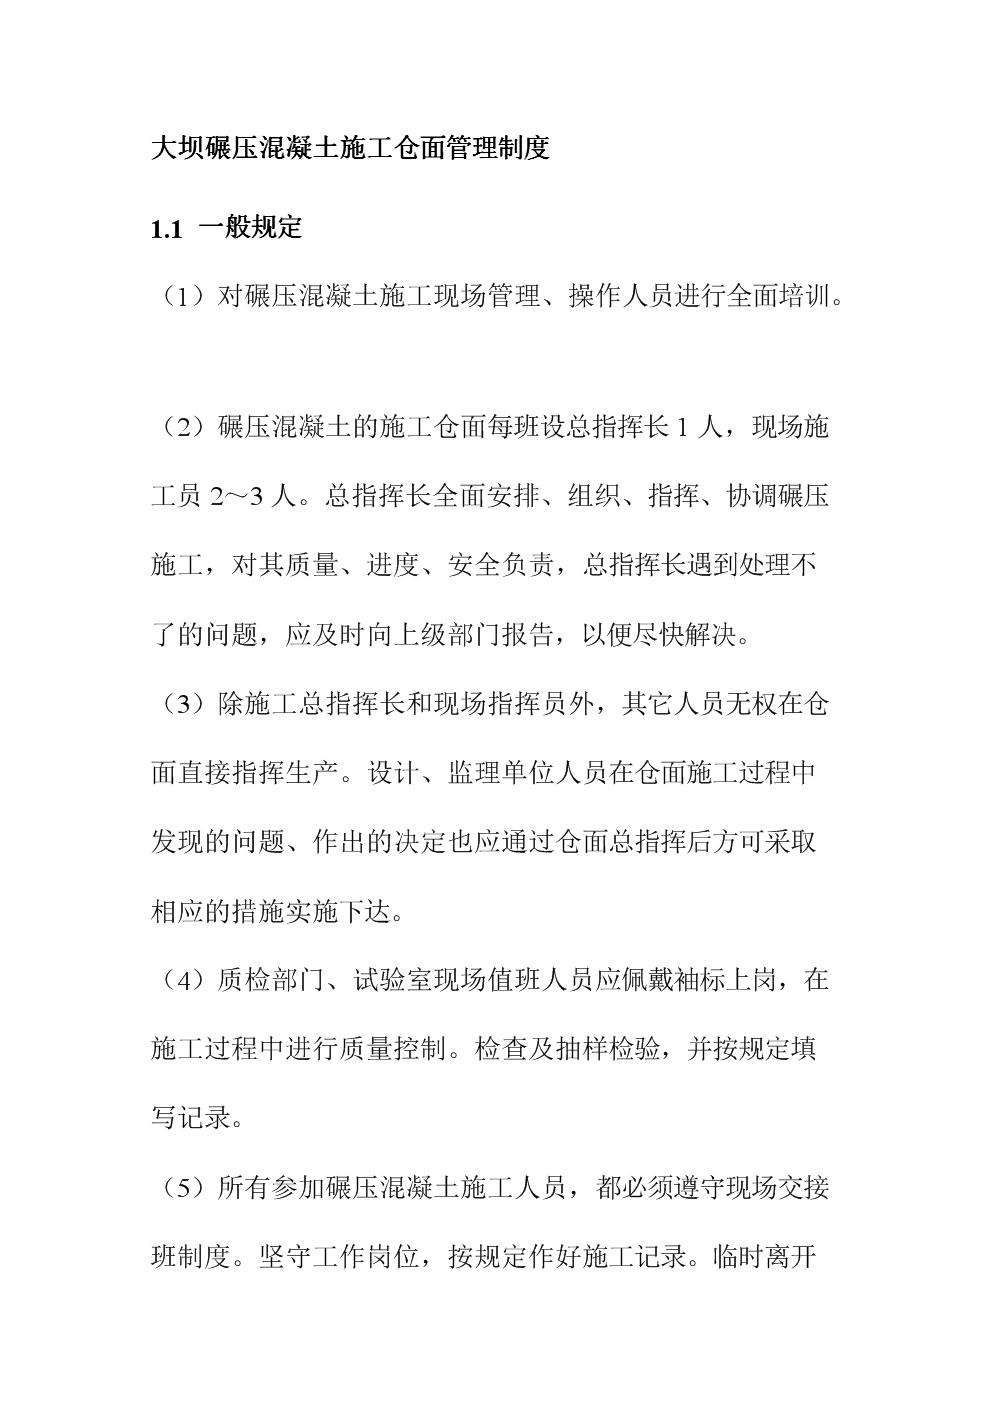 大壩碾壓混凝土施工倉面管理制度.doc